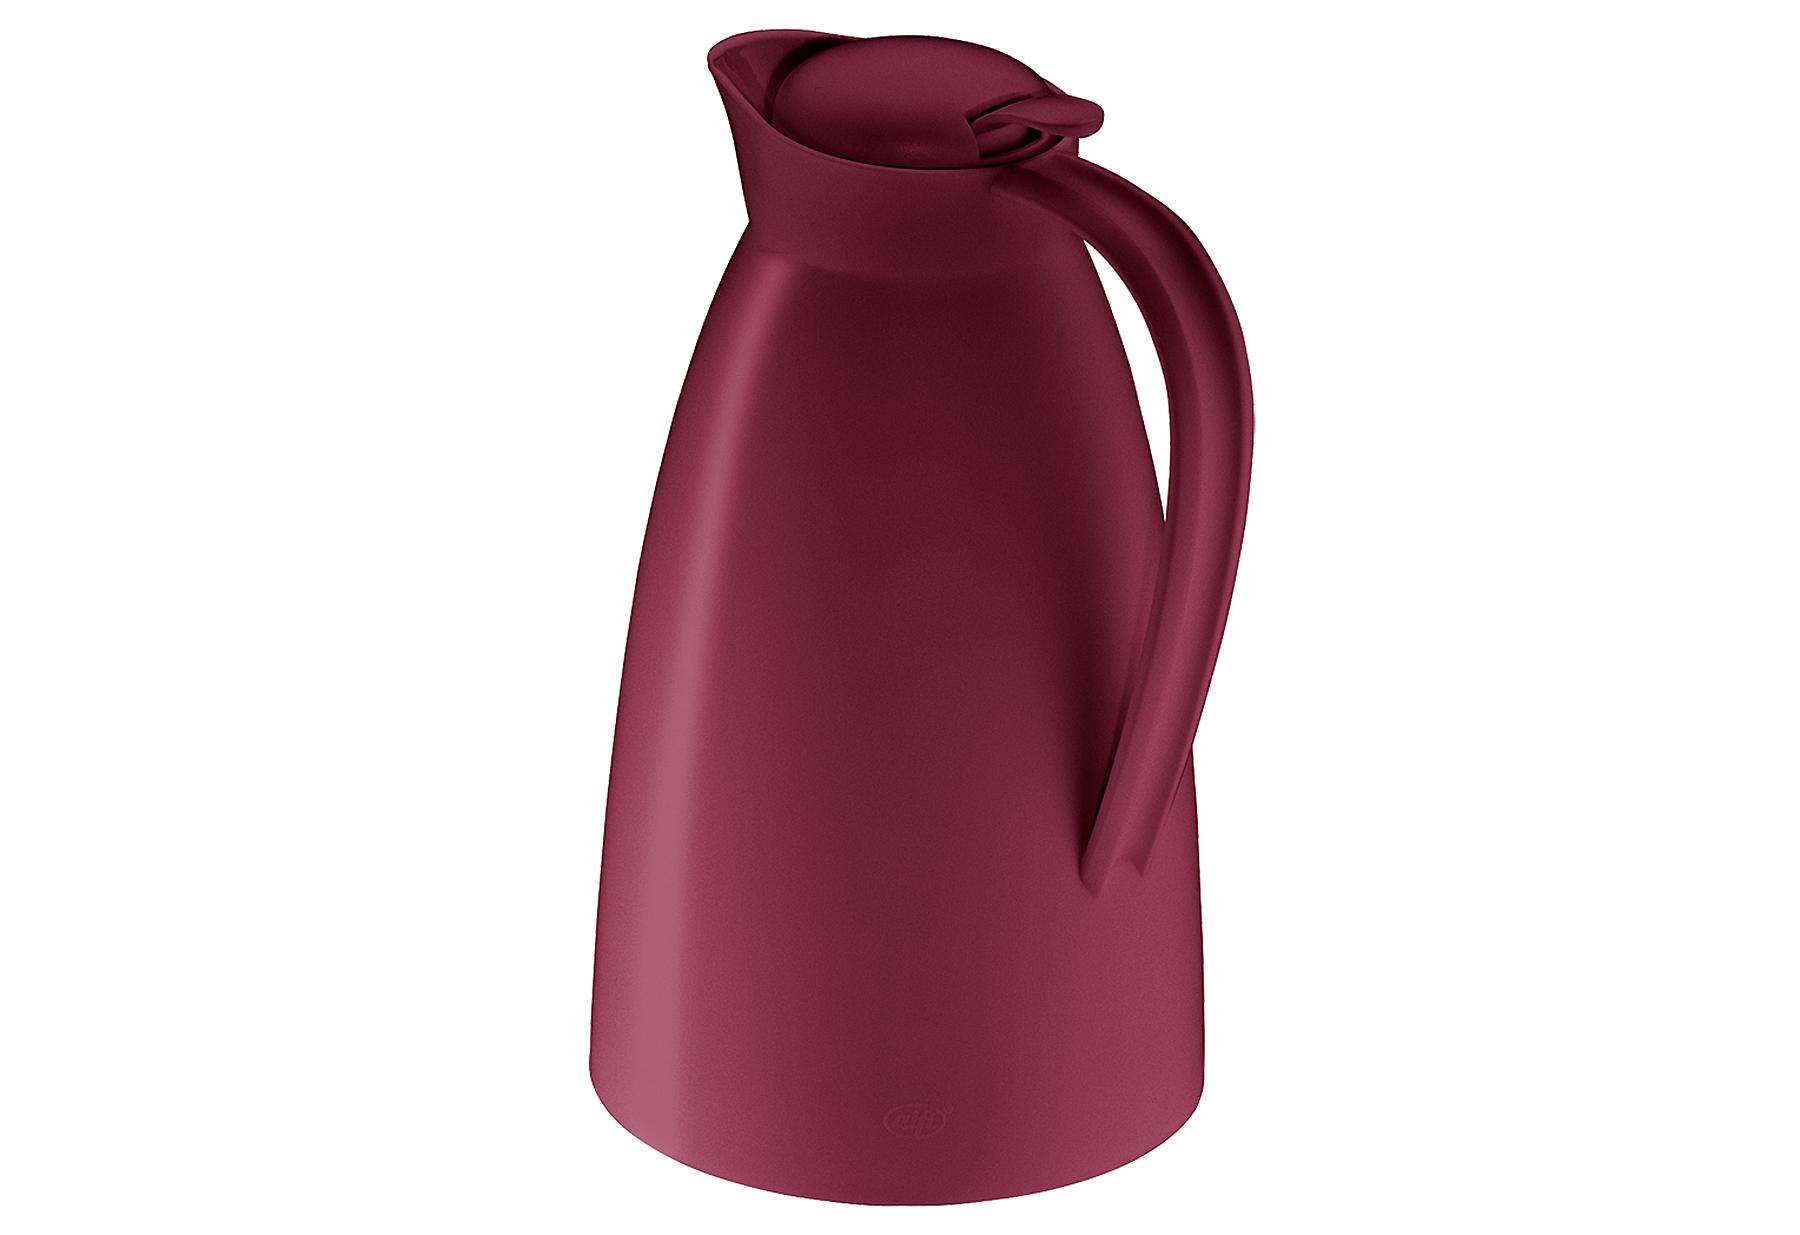 ALFI Isolierkanne Eco rubin rot 1,0l